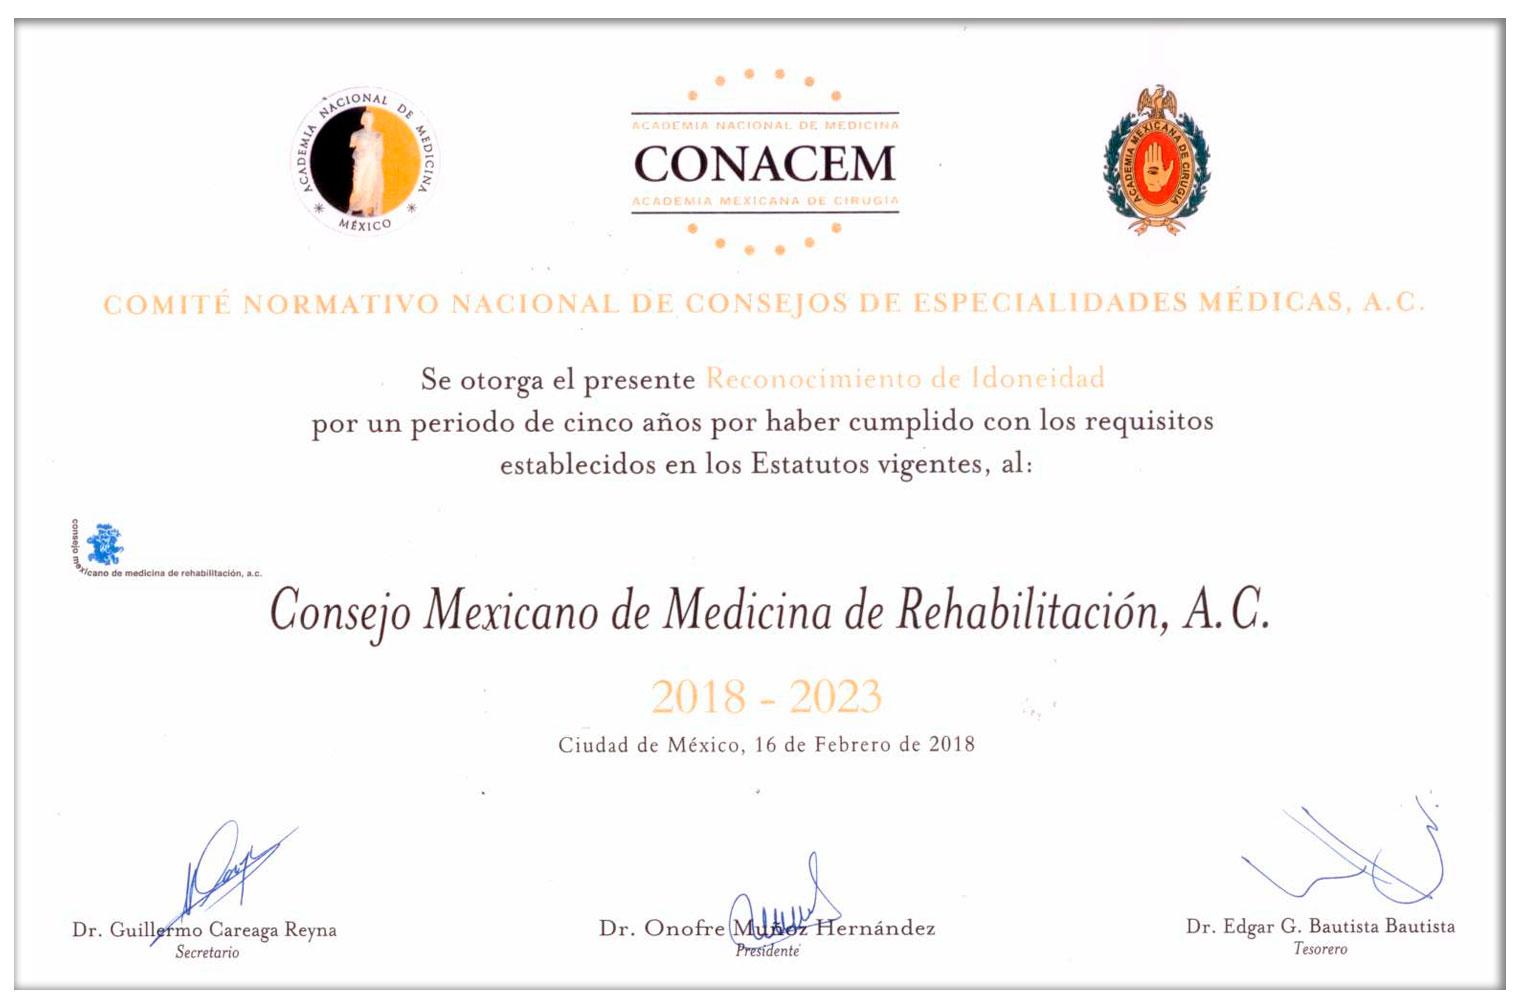 El Consejo Mexicano de Medicina de Rehabilitación A.C.